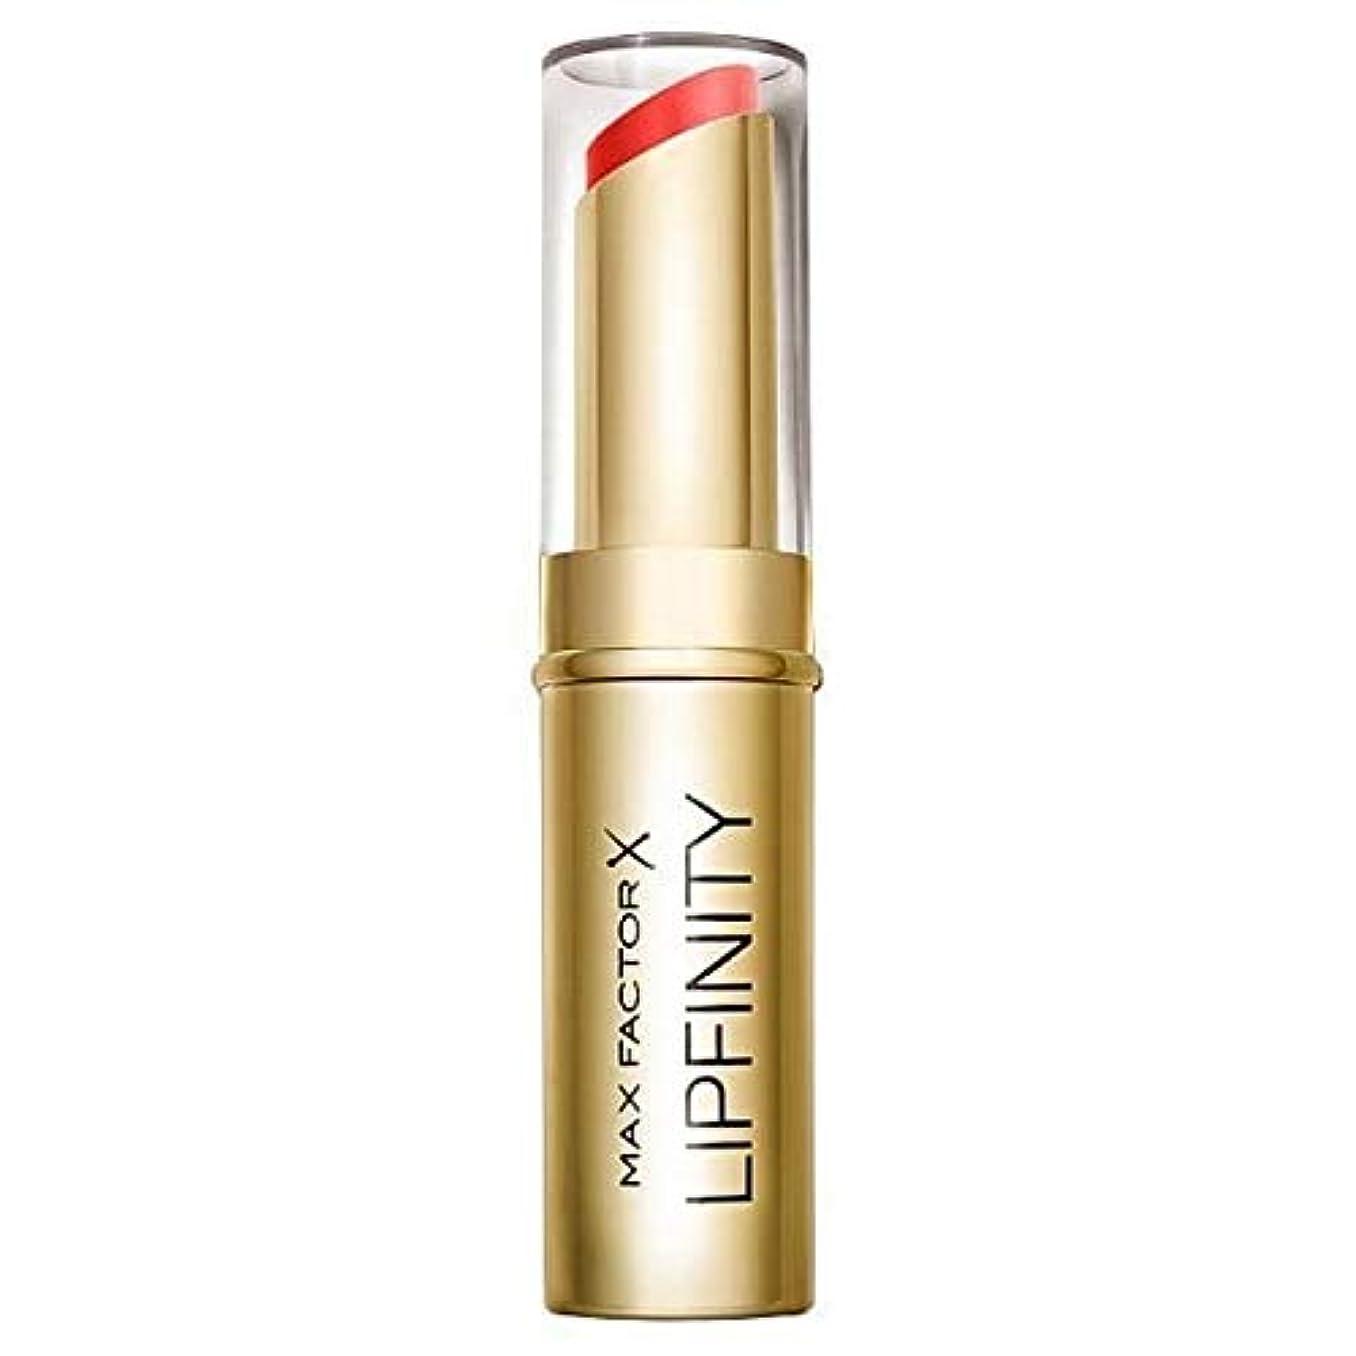 打倒ホステスクランシー[Max Factor ] 長い口紅だけの豪華持続マックスファクターLipfinity - Max Factor Lipfinity Long Lasting Lipstick Just Deluxe [並行輸入品]